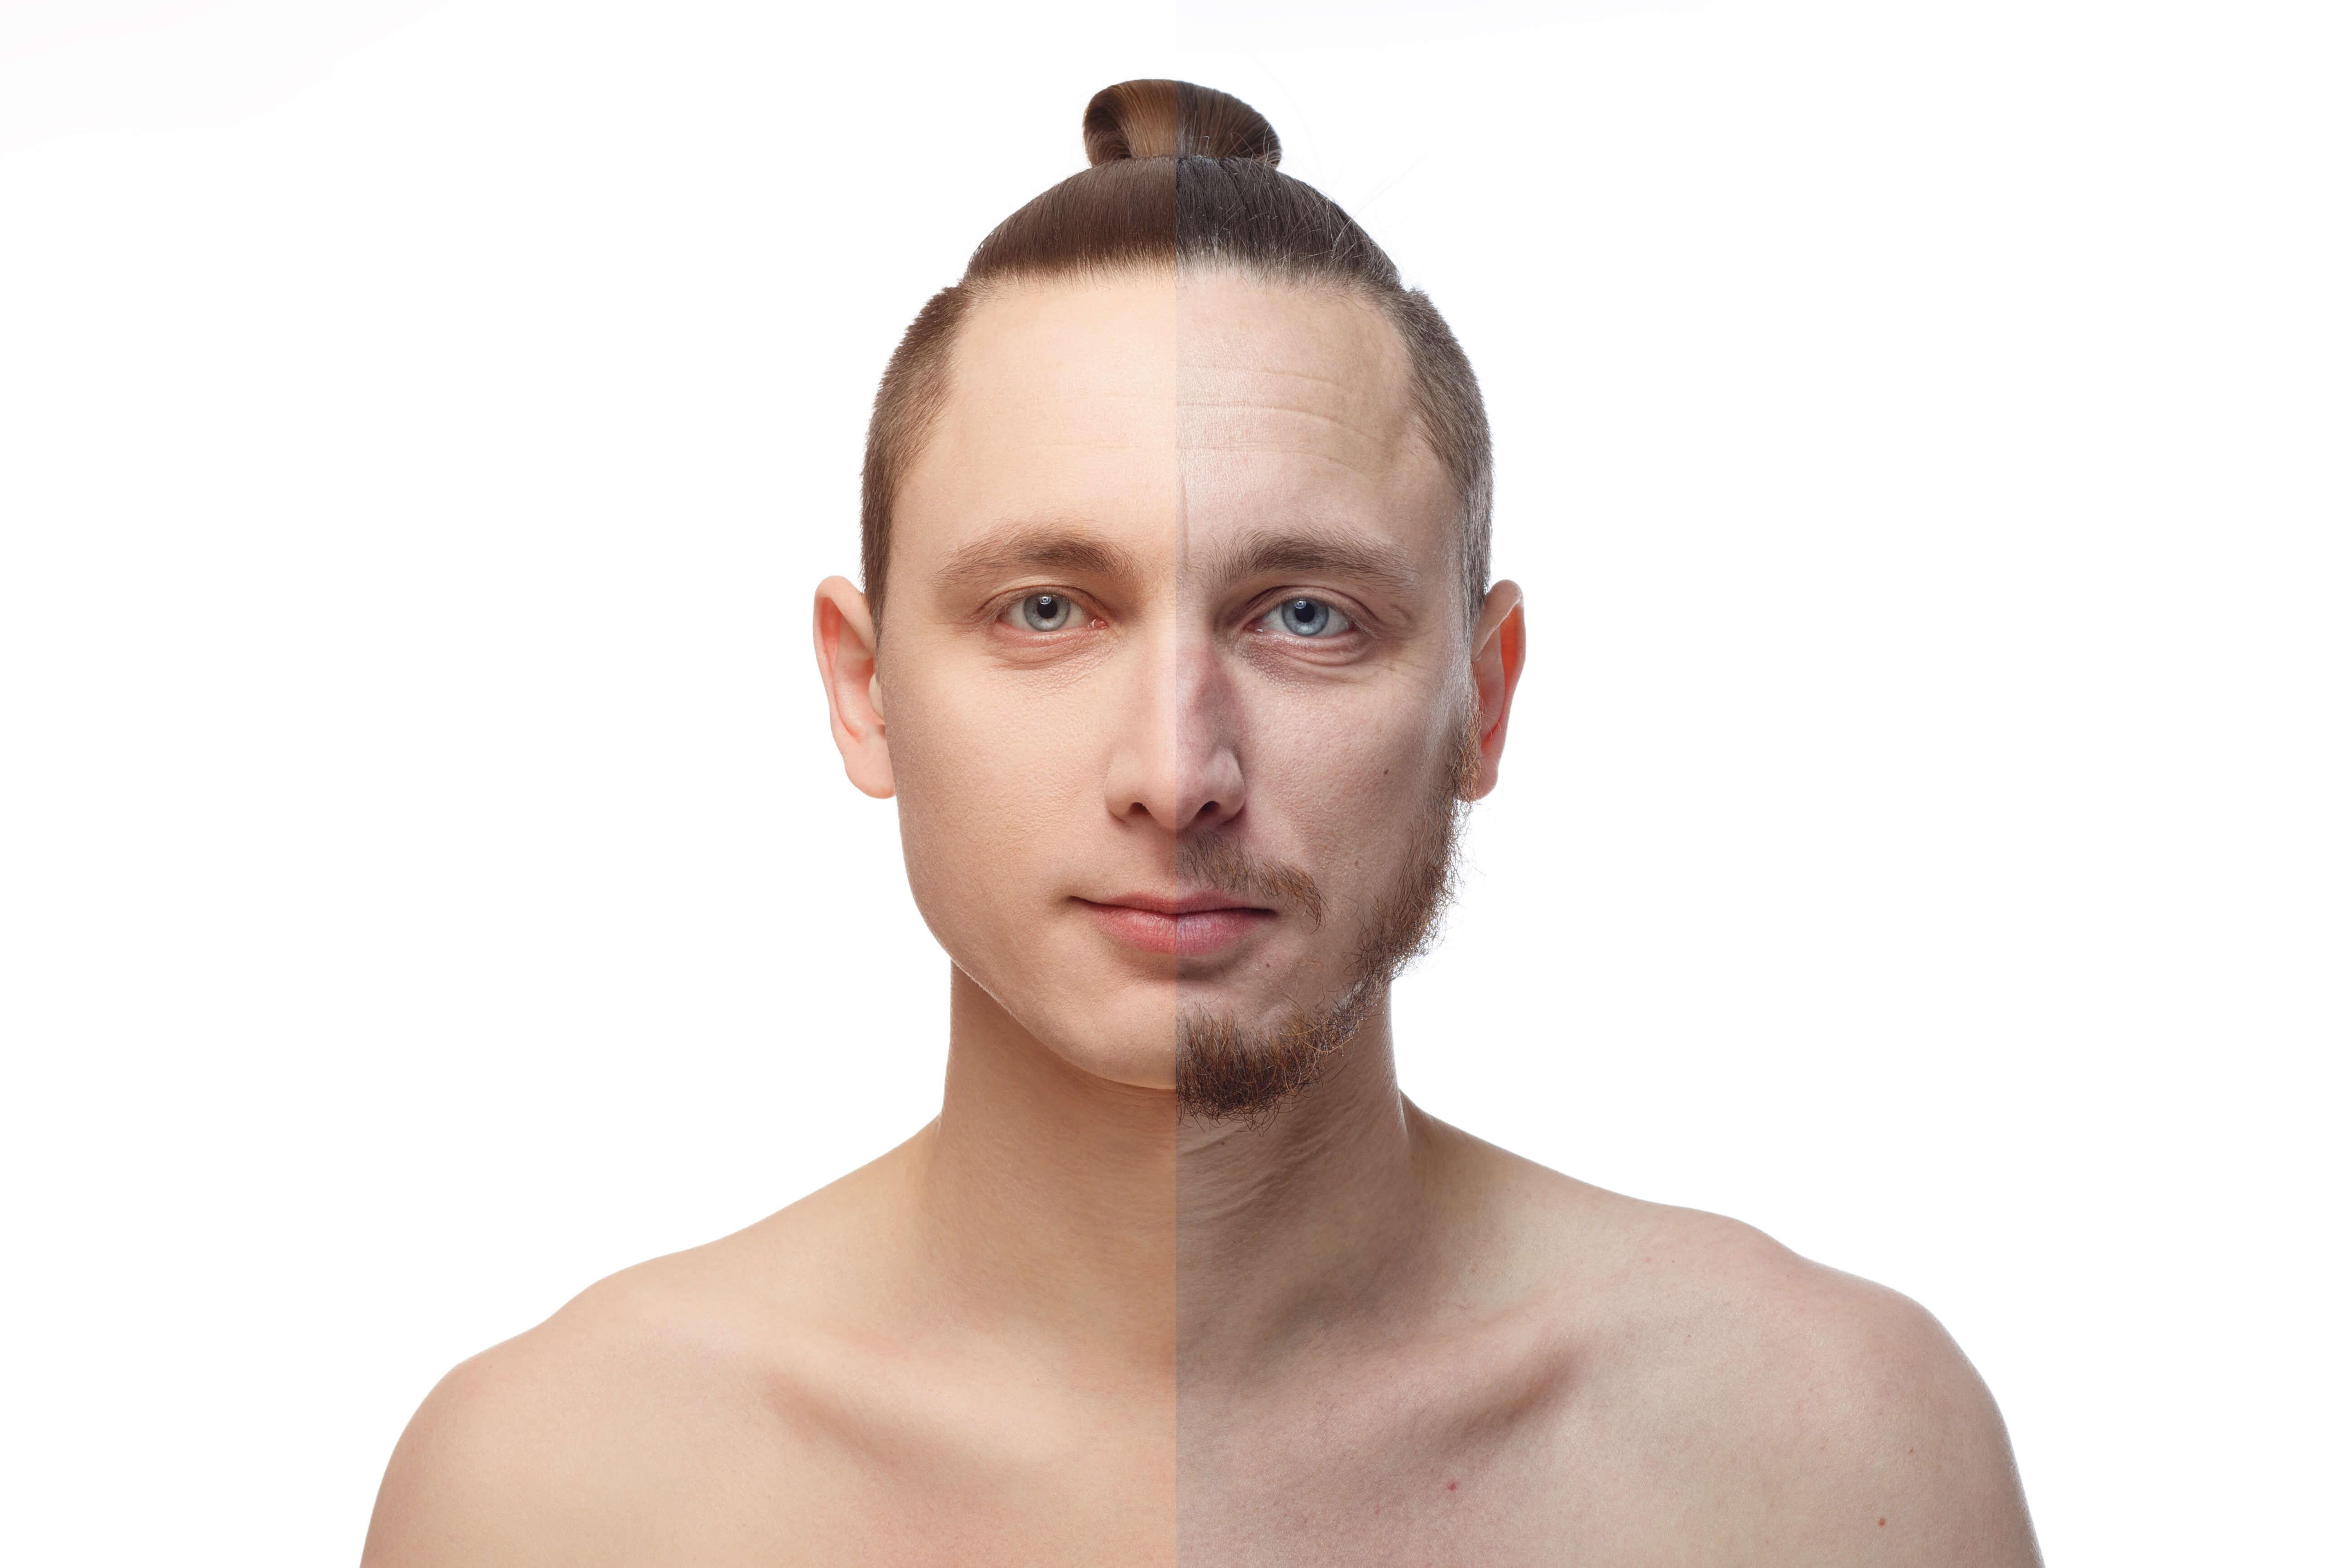 męska twarz pól na pół zarostu